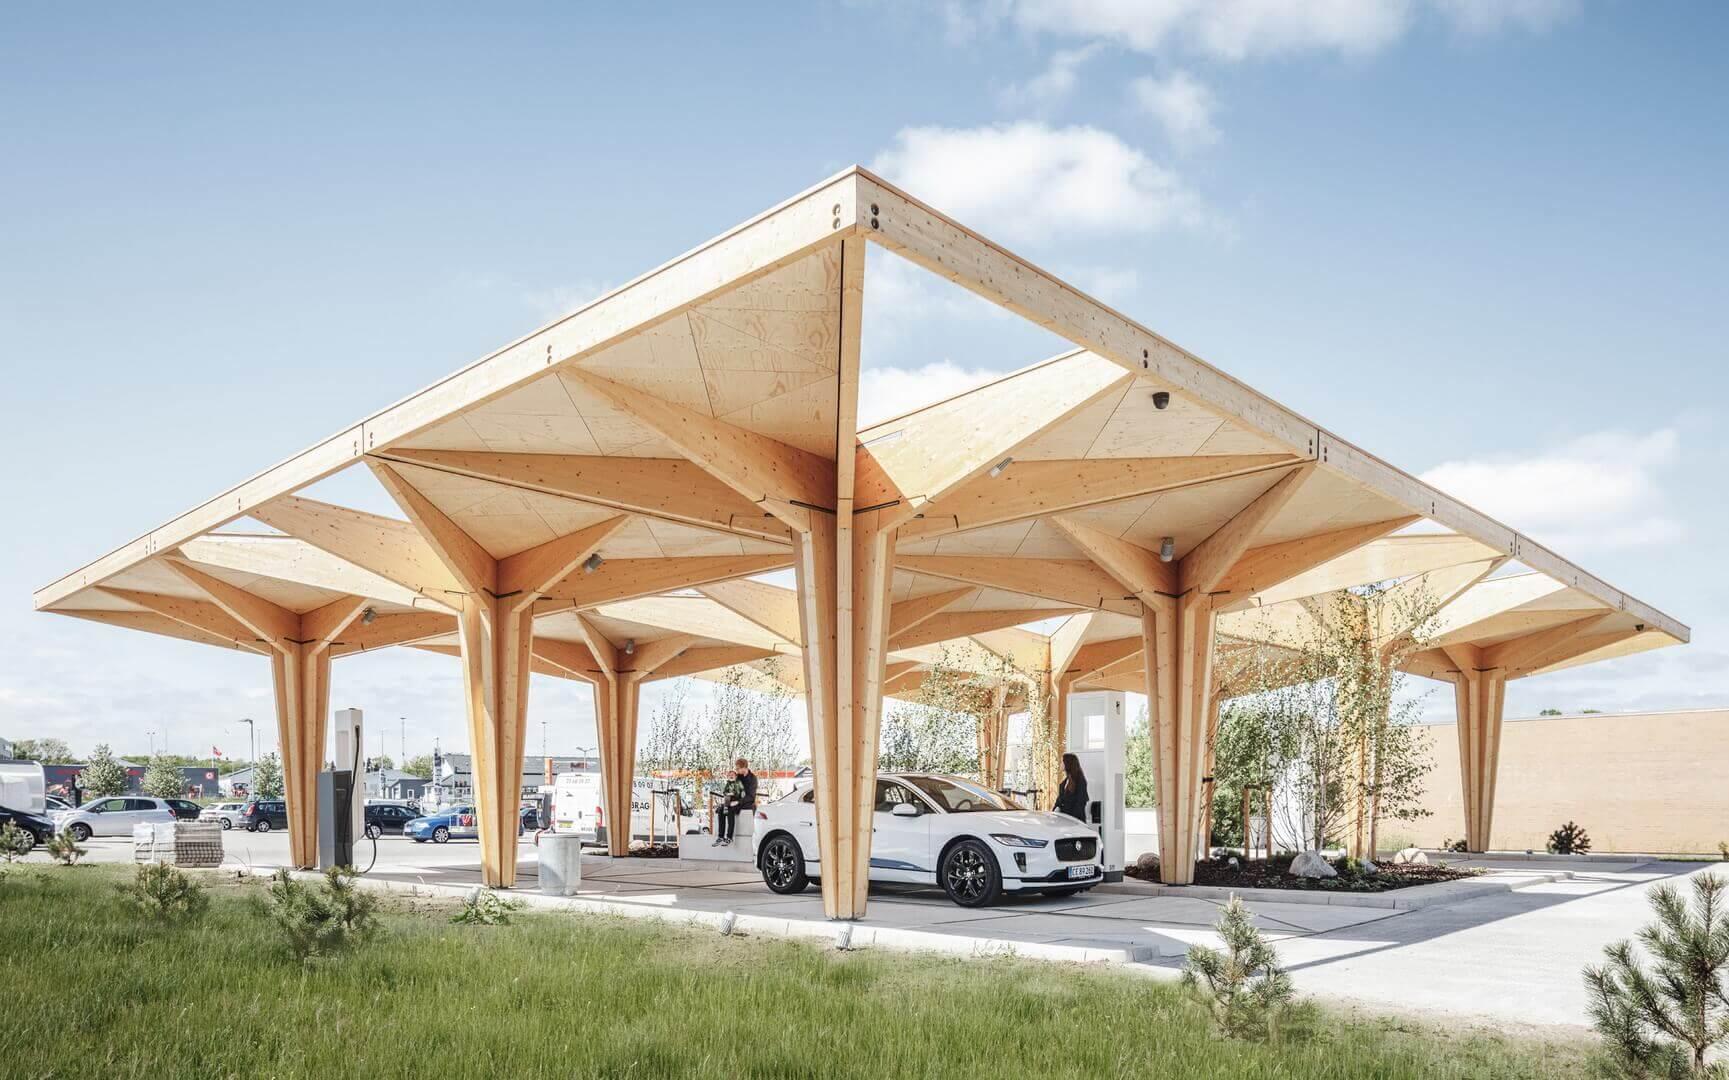 Зарядные станции в городах Фредерисия и Кнудшовед в центральной части Дании были построены с использованием одной и той же модульной структуры в виде деревьев